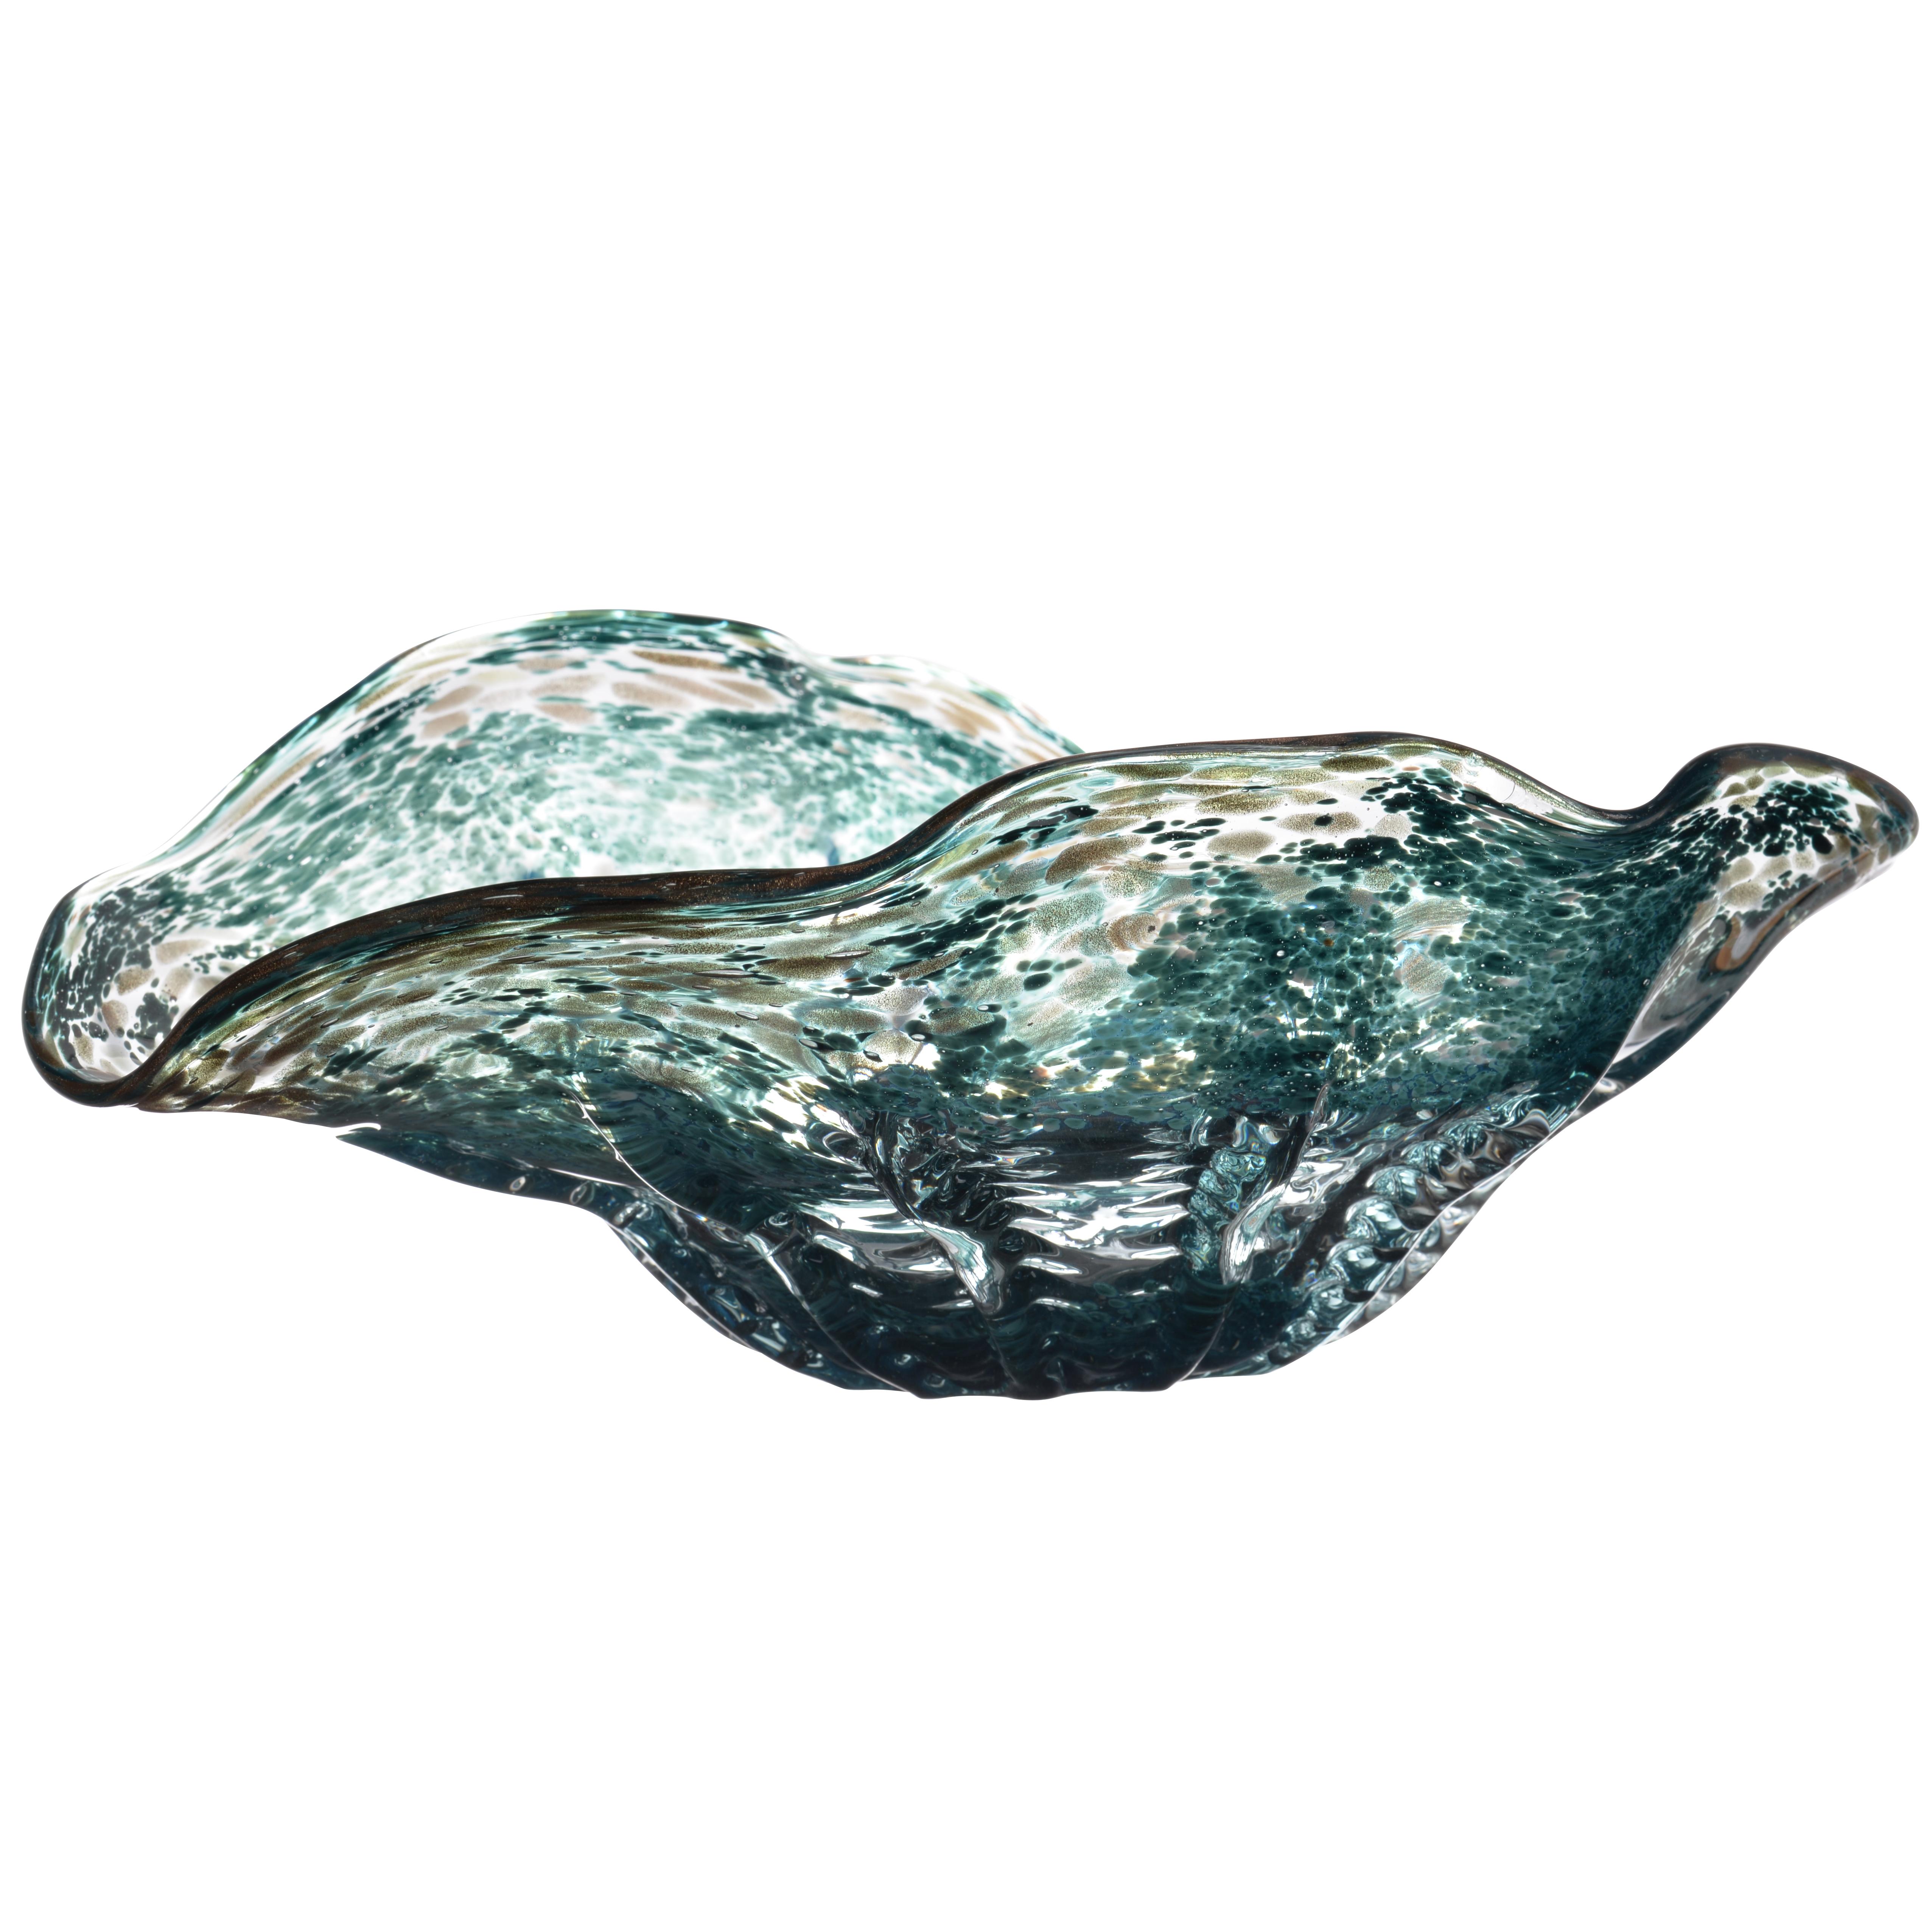 A&B Home Surge Decorative Bowl, 15 x 11 x 5-Inch